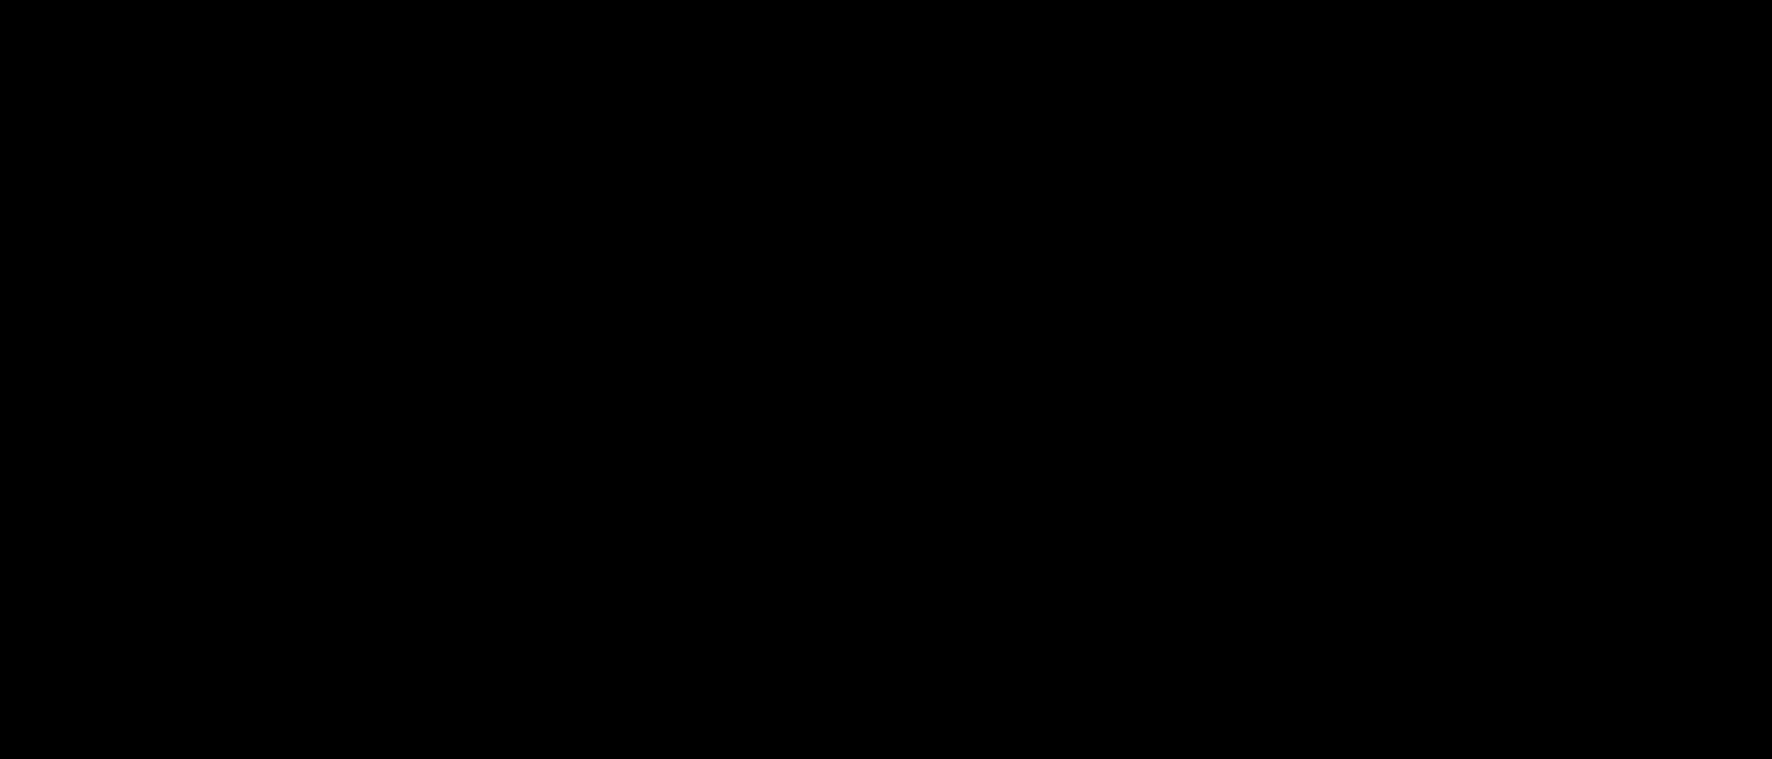 BP 554 maleate